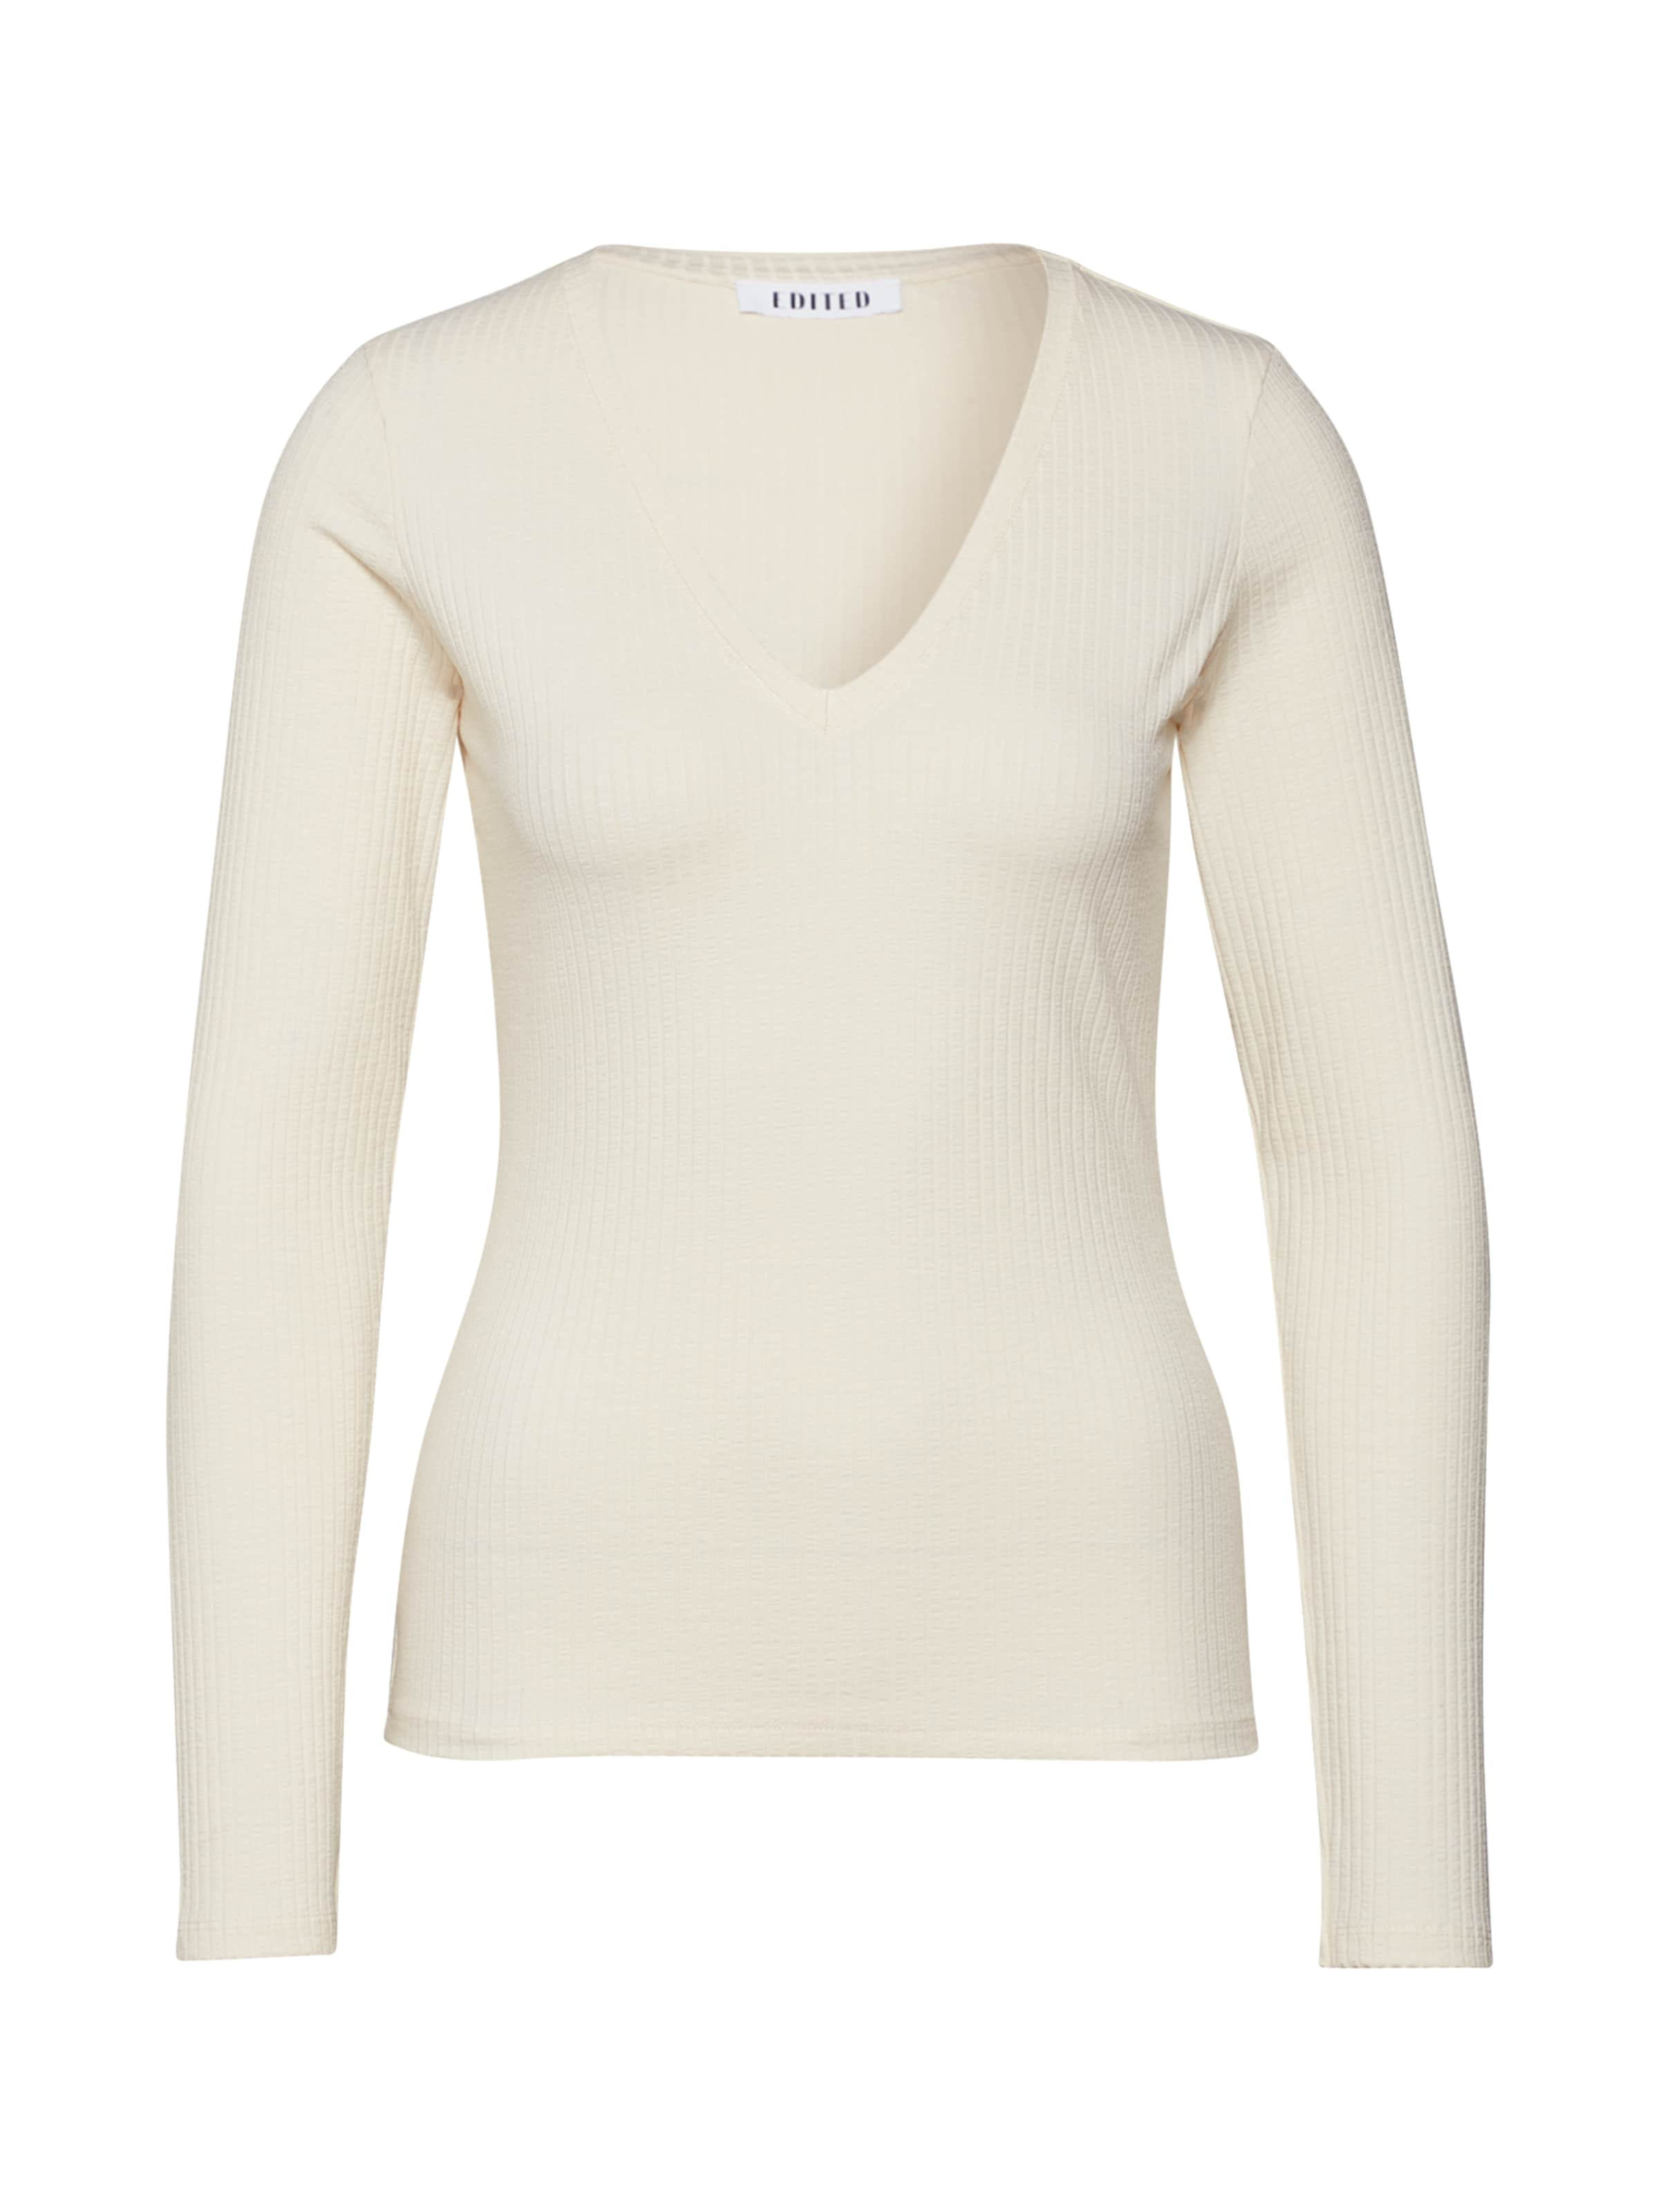 Edited T Crème En shirt 'gwynn' drCeoxB